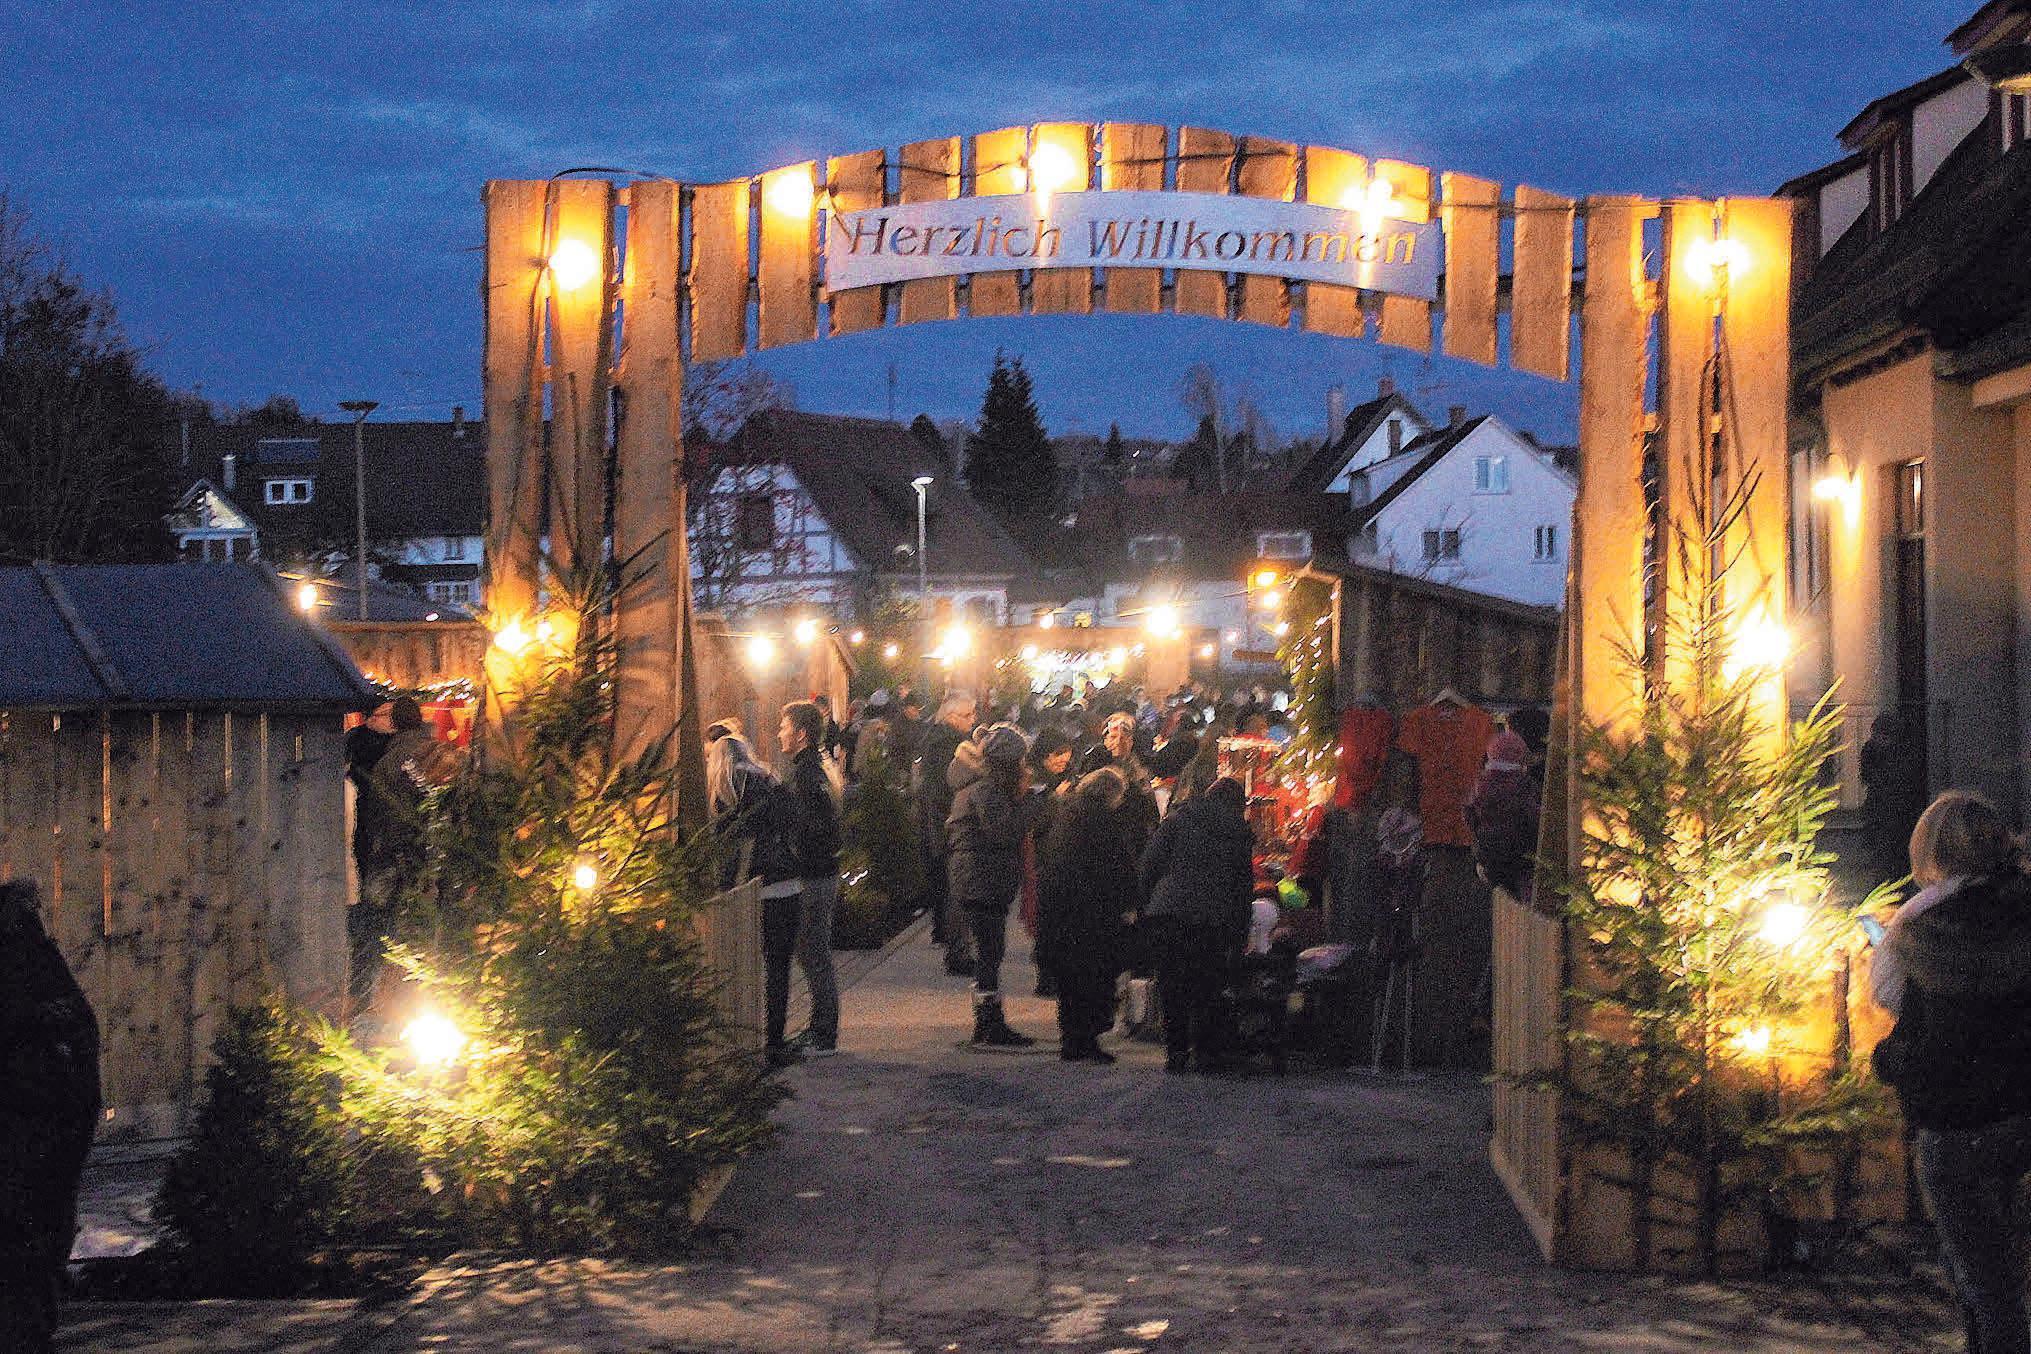 """Nach Einbruch der Dunkelheit wird's auf dem """"Ostracher Advent"""" erst so richtig heimelig. Bis 21 Uhr ist geöffnet. FOTO: PR"""